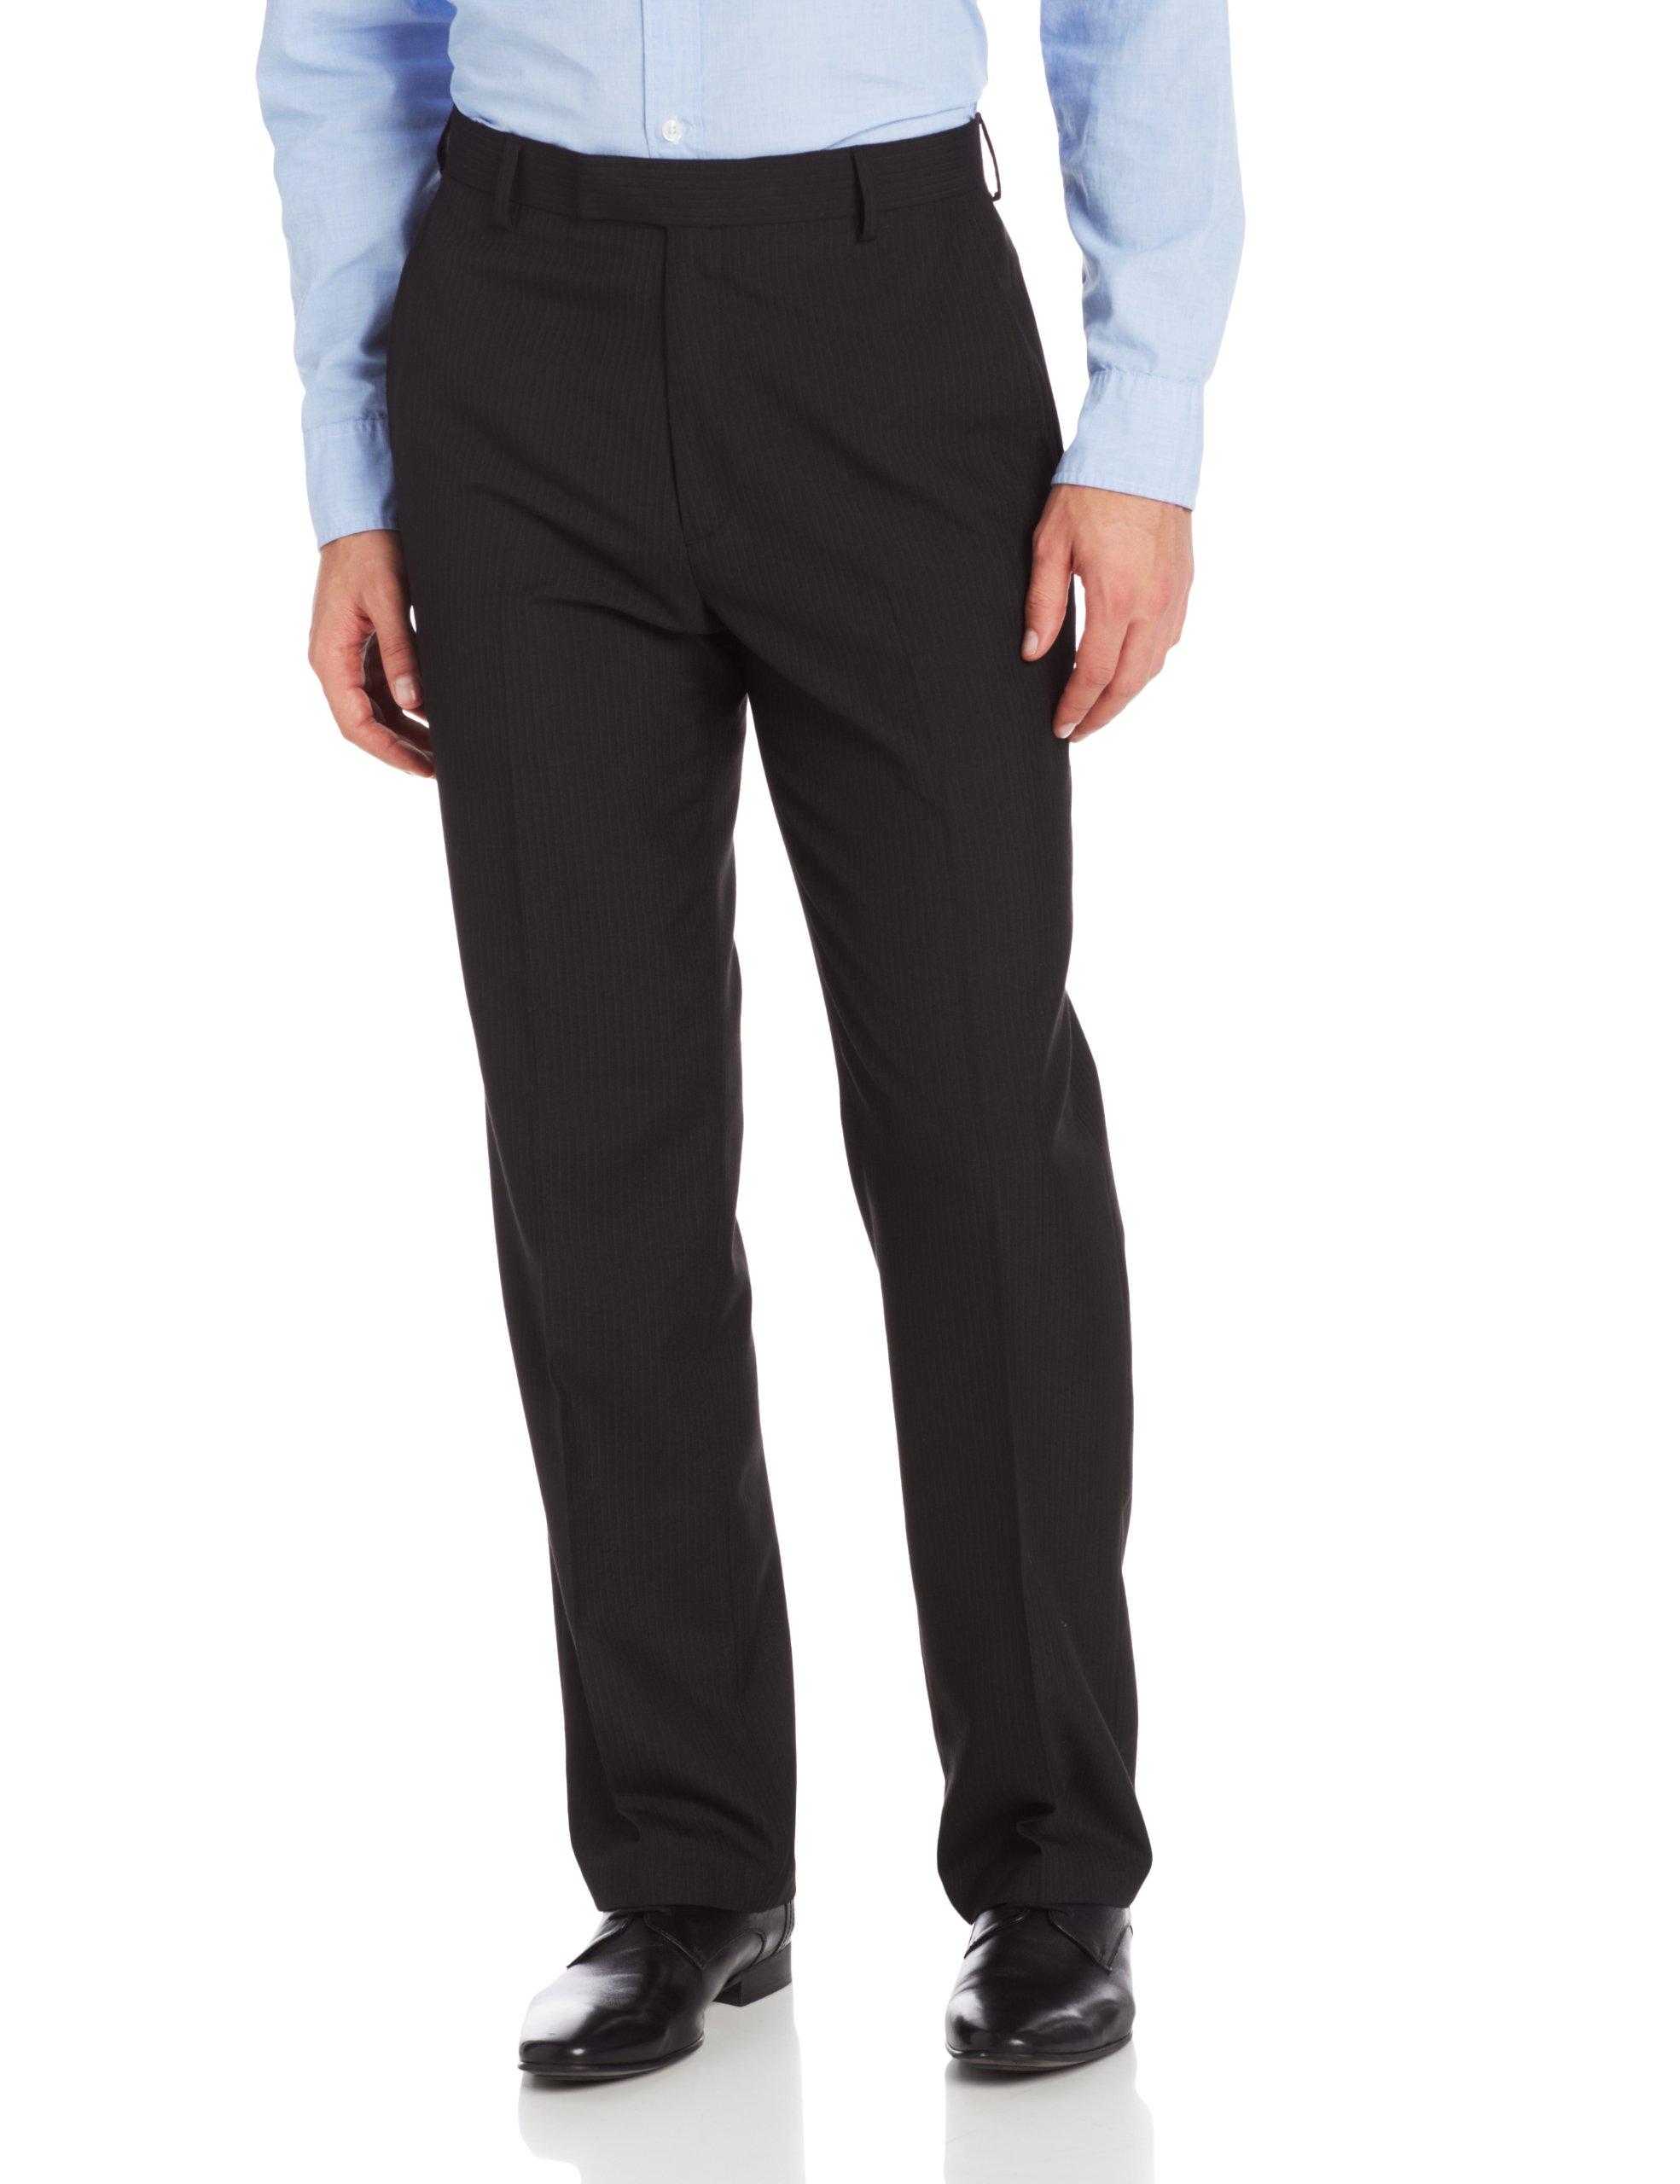 Haggar Men's Stripe Tailored Fit Plain Front Suit Separate Pant, Black, 32Wx30L